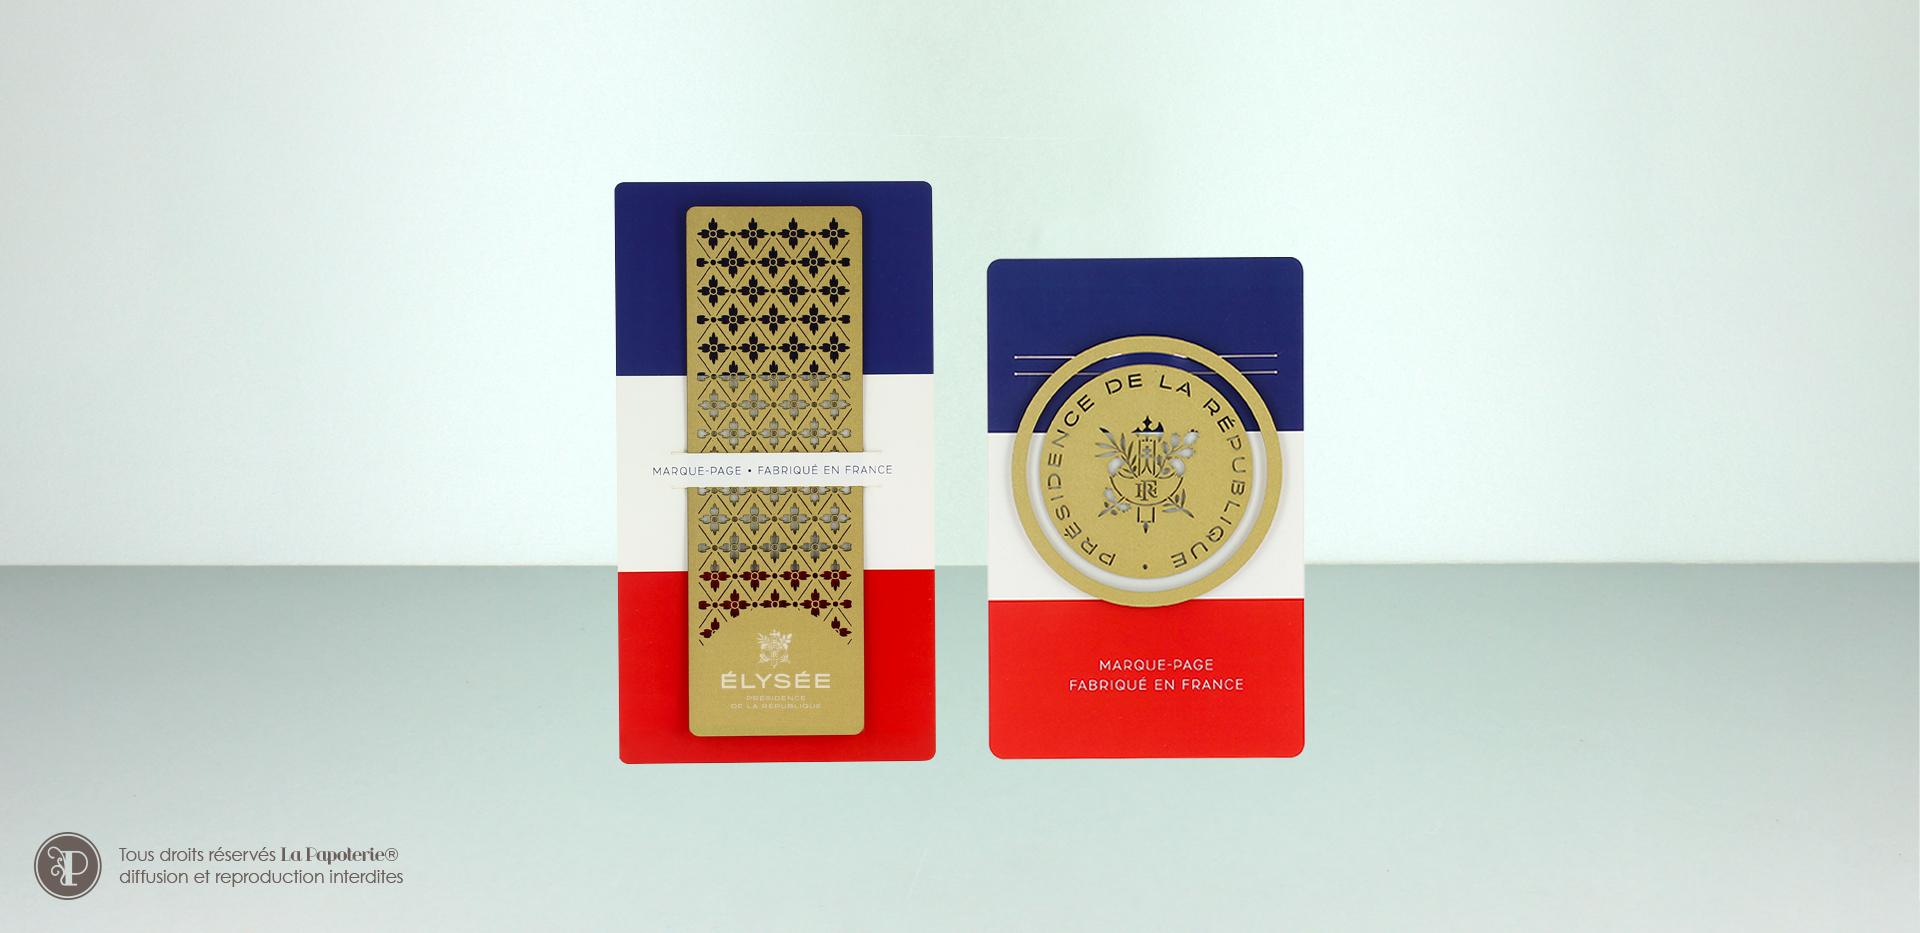 La Papoterie arboresens-elysee-boutique-marque-page-XL-rond Élysée shop Arboresens agency bookmarks